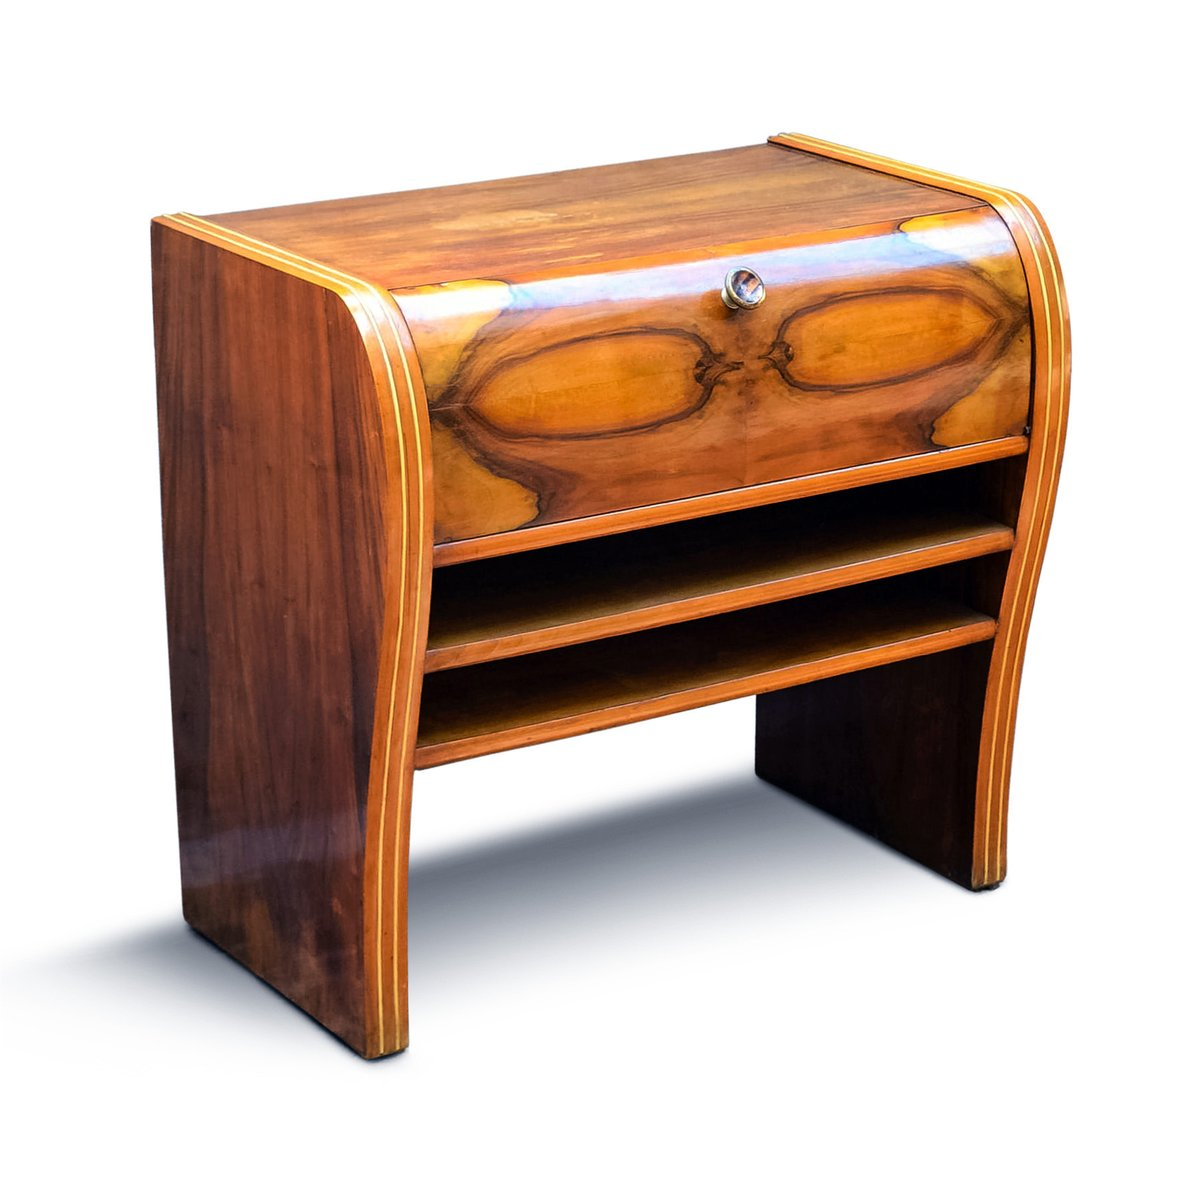 Italienischer art deco schrank aus nussholz buchenholz for Schrank italienischer stil